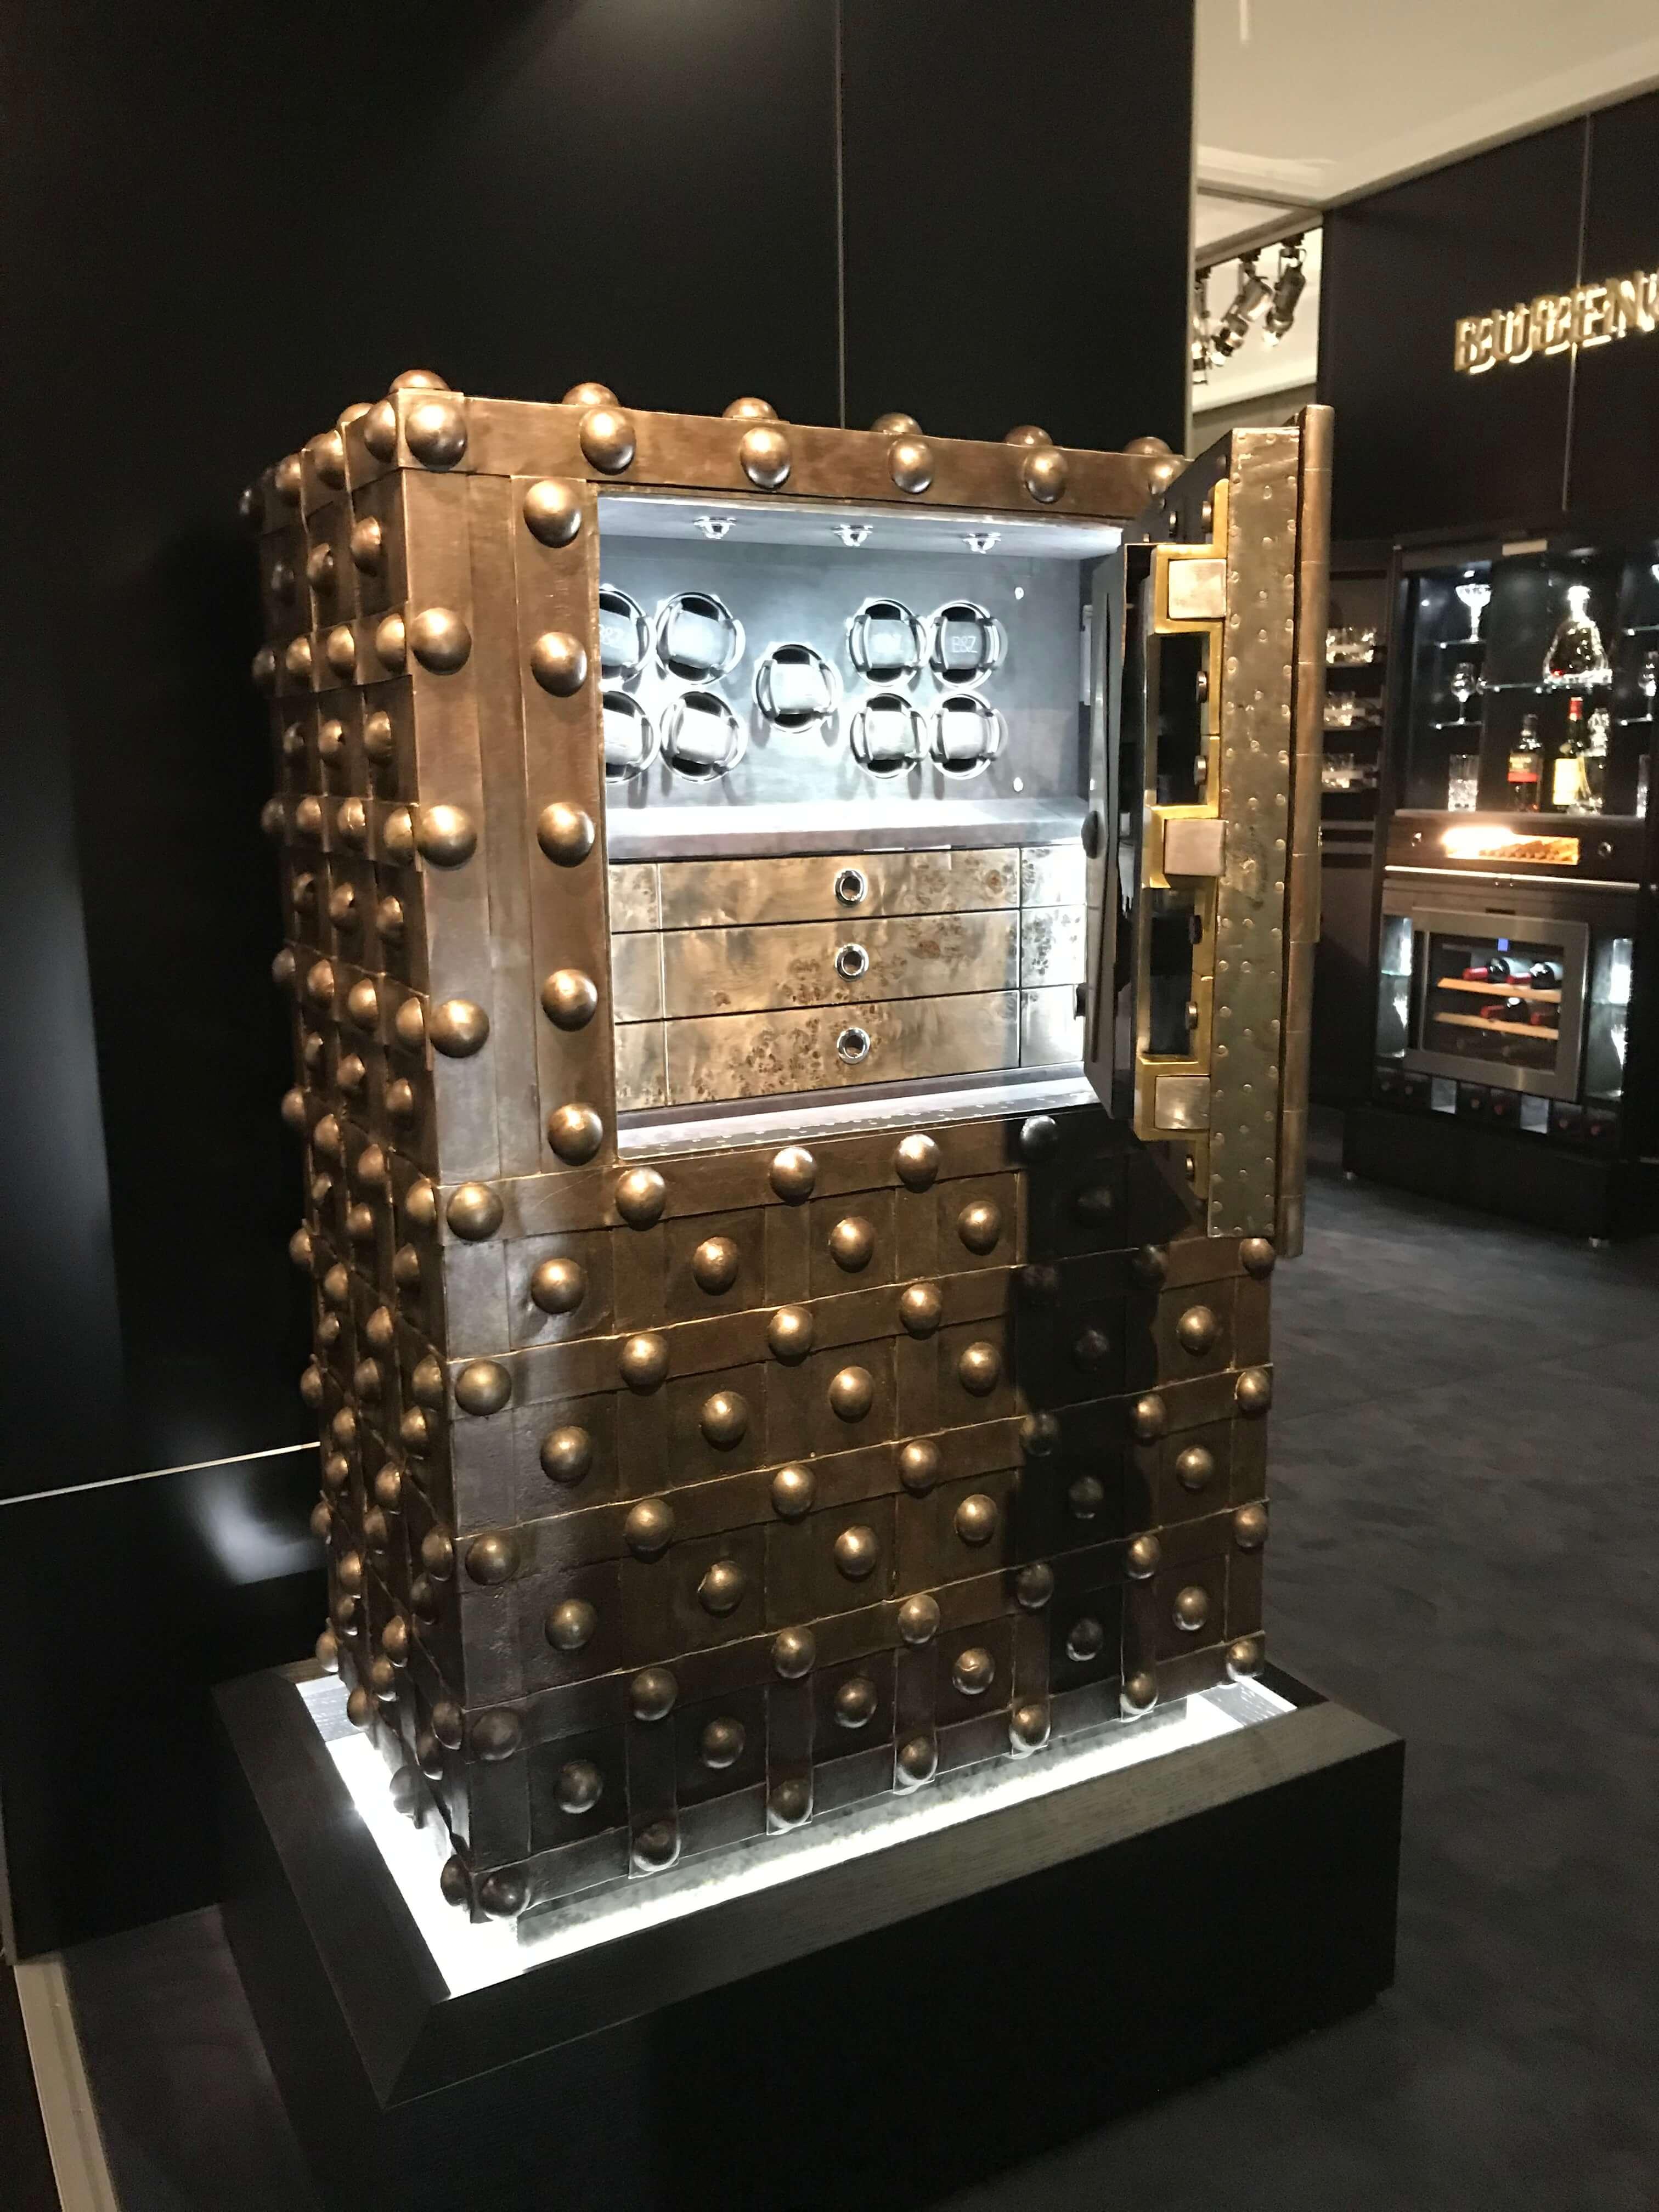 Luxus-Safe für Luxusdinge Buben & Zörweg zeigt seine neue Generation an Luxus-Safes ab 20.000 EUR. Die nach Kundenanforderungen gefertigten Safes bieten neben edlem Design und hochwertigster Verarbeitung, z.B. mit exklusivem Lederbezug, ebenfalls eine nach Wertgegenständen ausgerichtete Funktionalität. Dazu gehören unter anderem ein Uhrenbeweger für Automatikuhren oder Klimazonen für die langfristige Aufbewahrung von erlesenen Zigarren und Weinen.